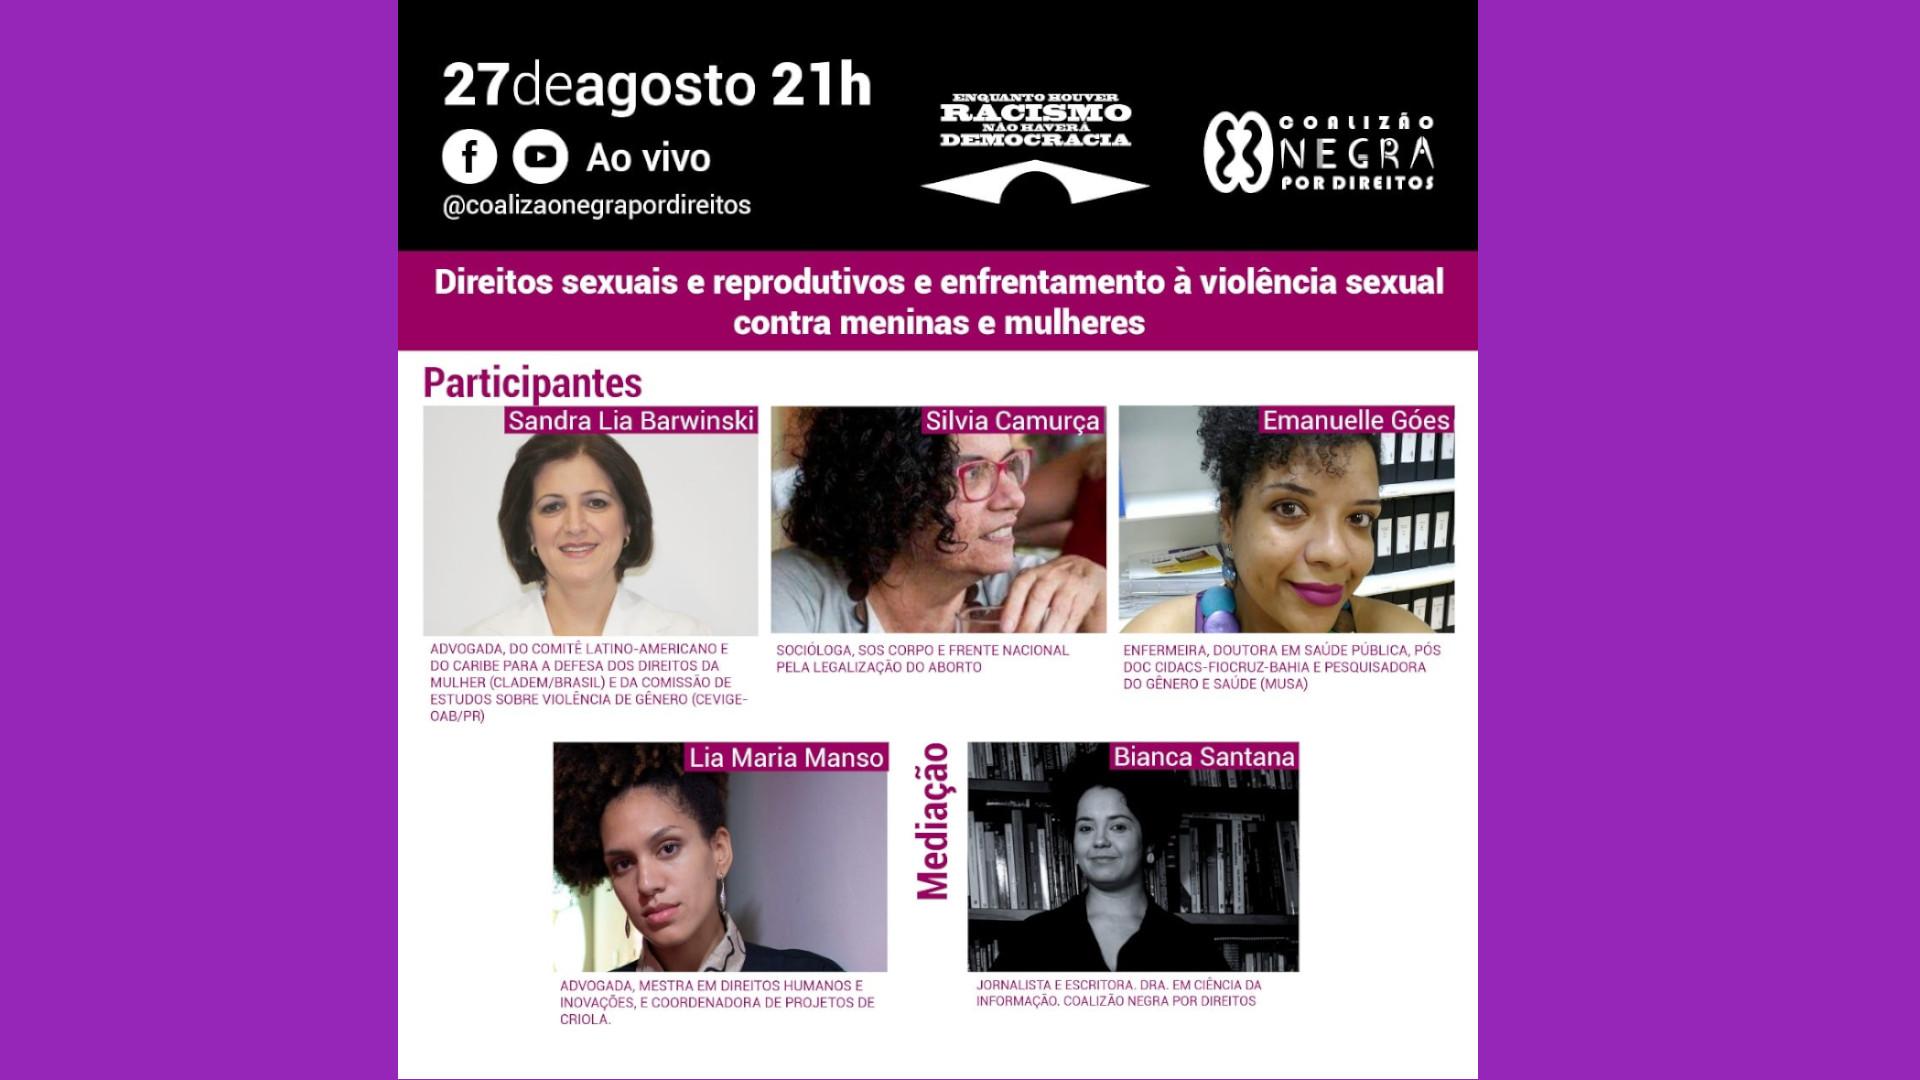 Coalizão Negra Por Direitos debate Direitos Sexuais e Reprodutivos e violência sexual contra meninas e mulheres